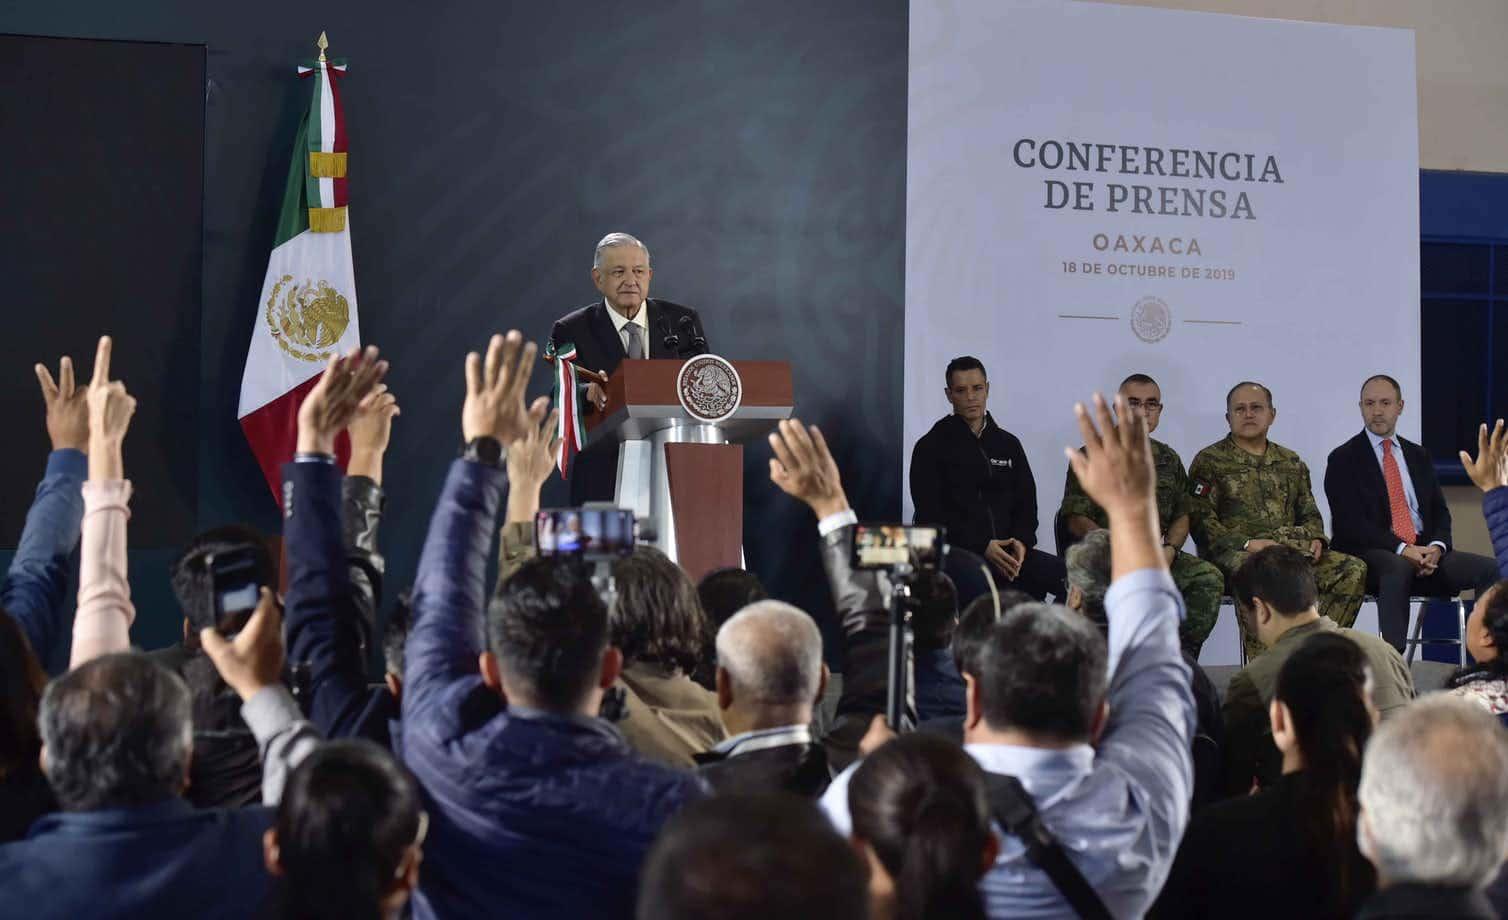 Photo of President Andrés Manuel López Obrador